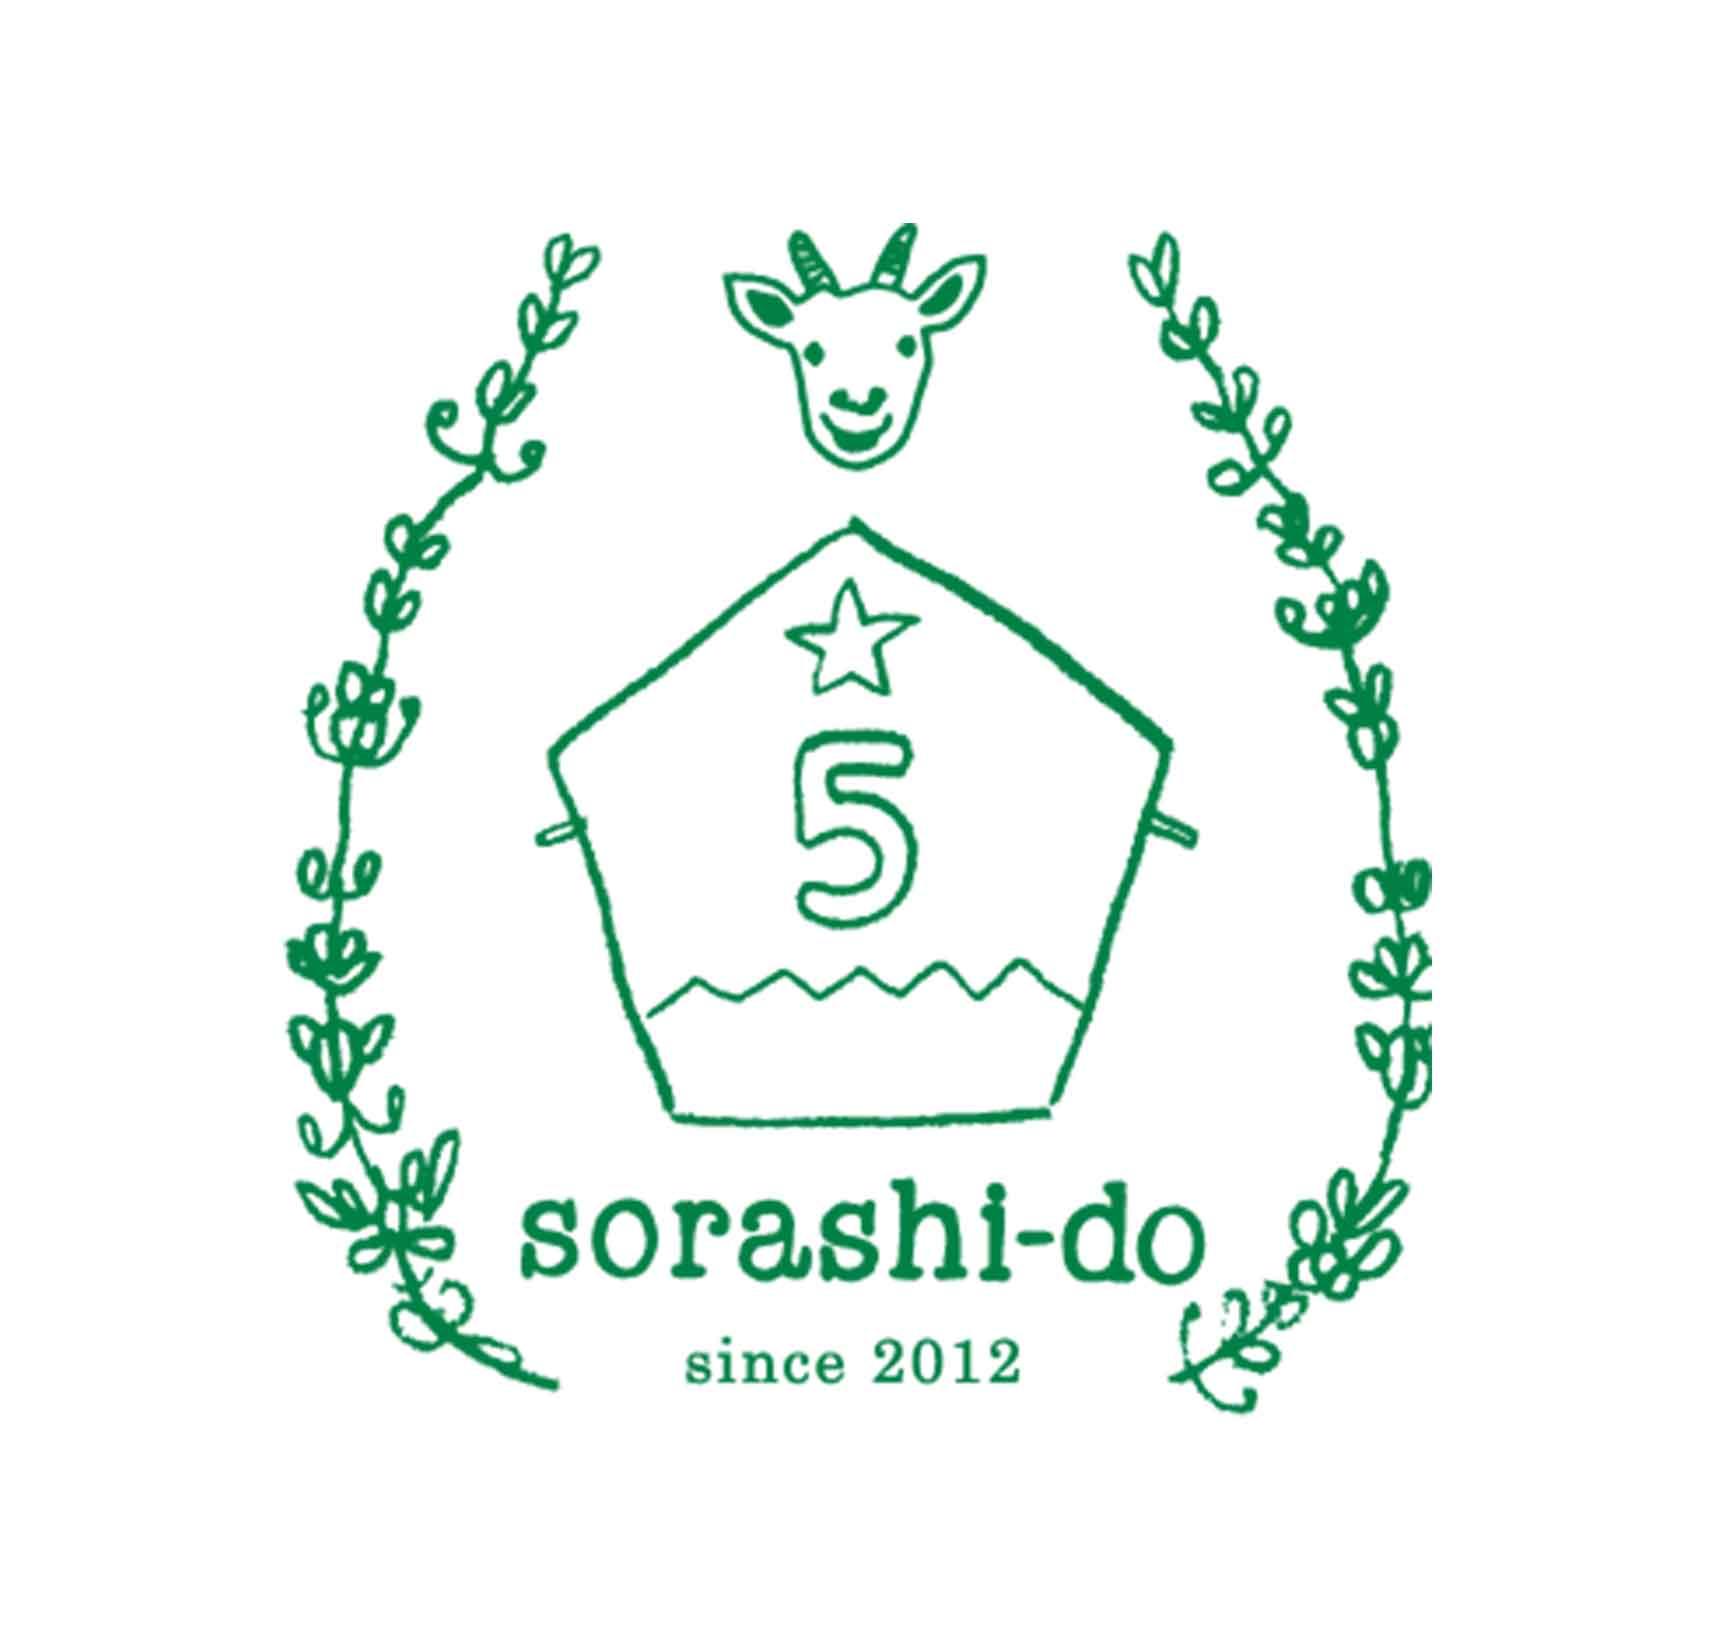 ソラシード